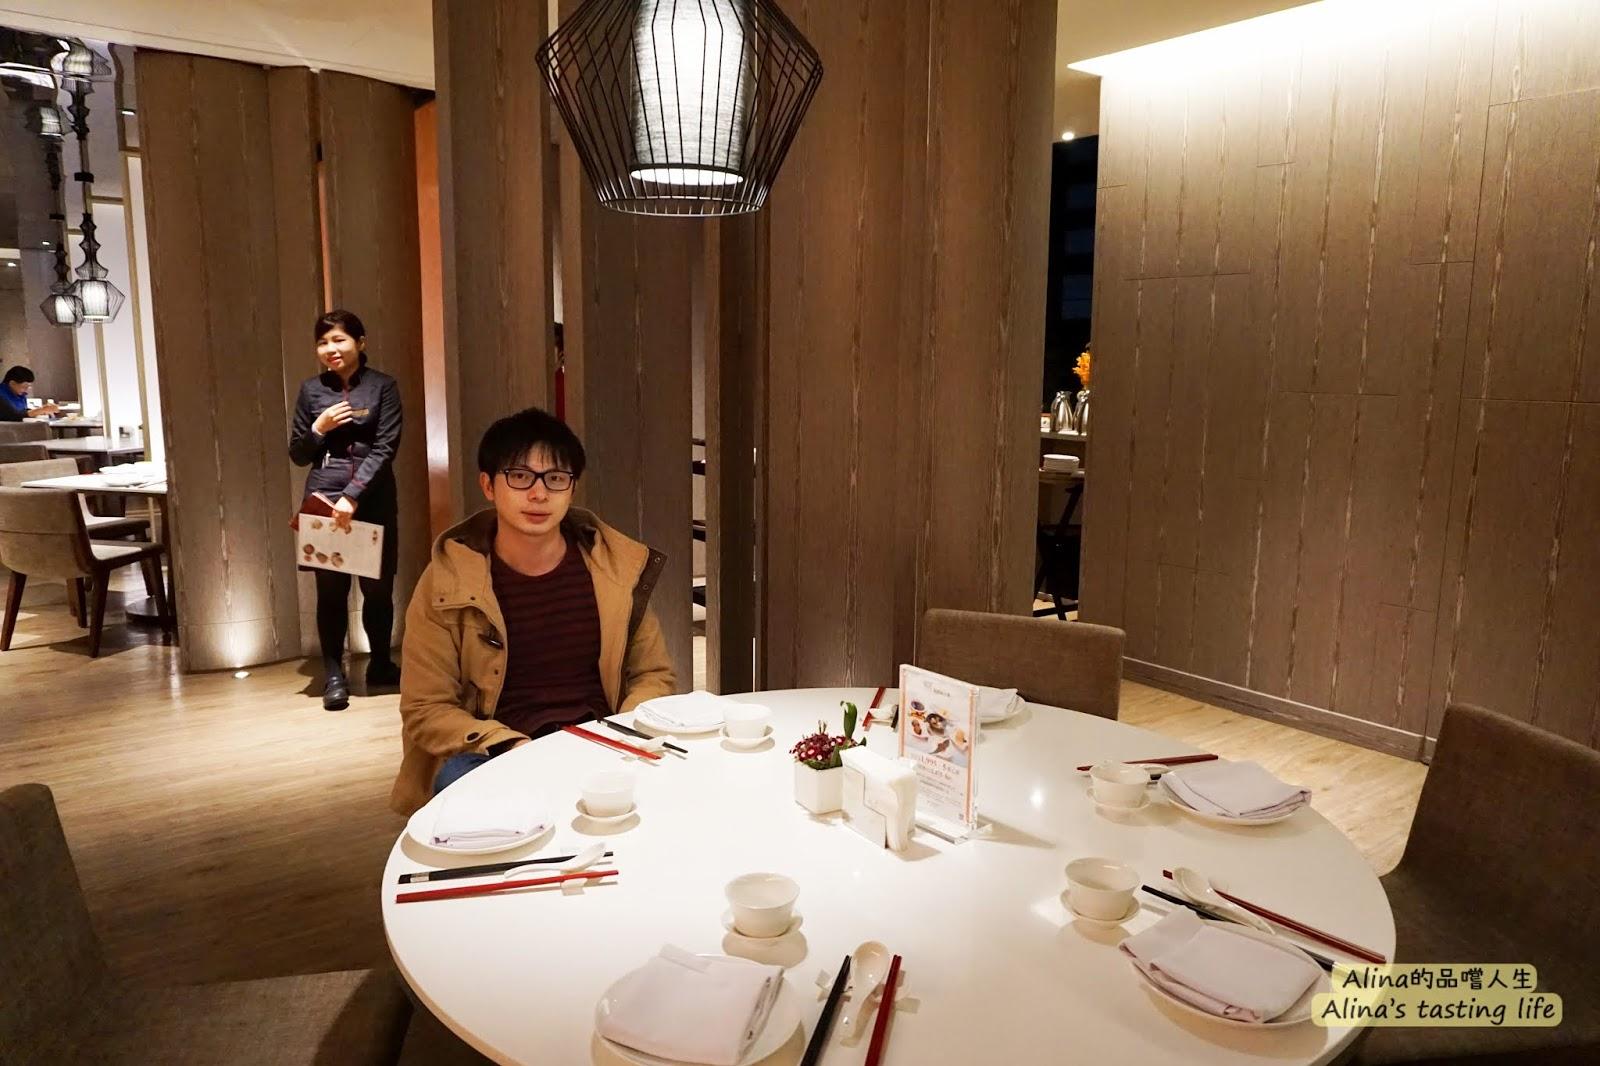 【板橋】凱撒大飯店 家宴中餐廳。讓人毫不失望的菜色。手刀預約回訪!(價位.信用卡優惠)